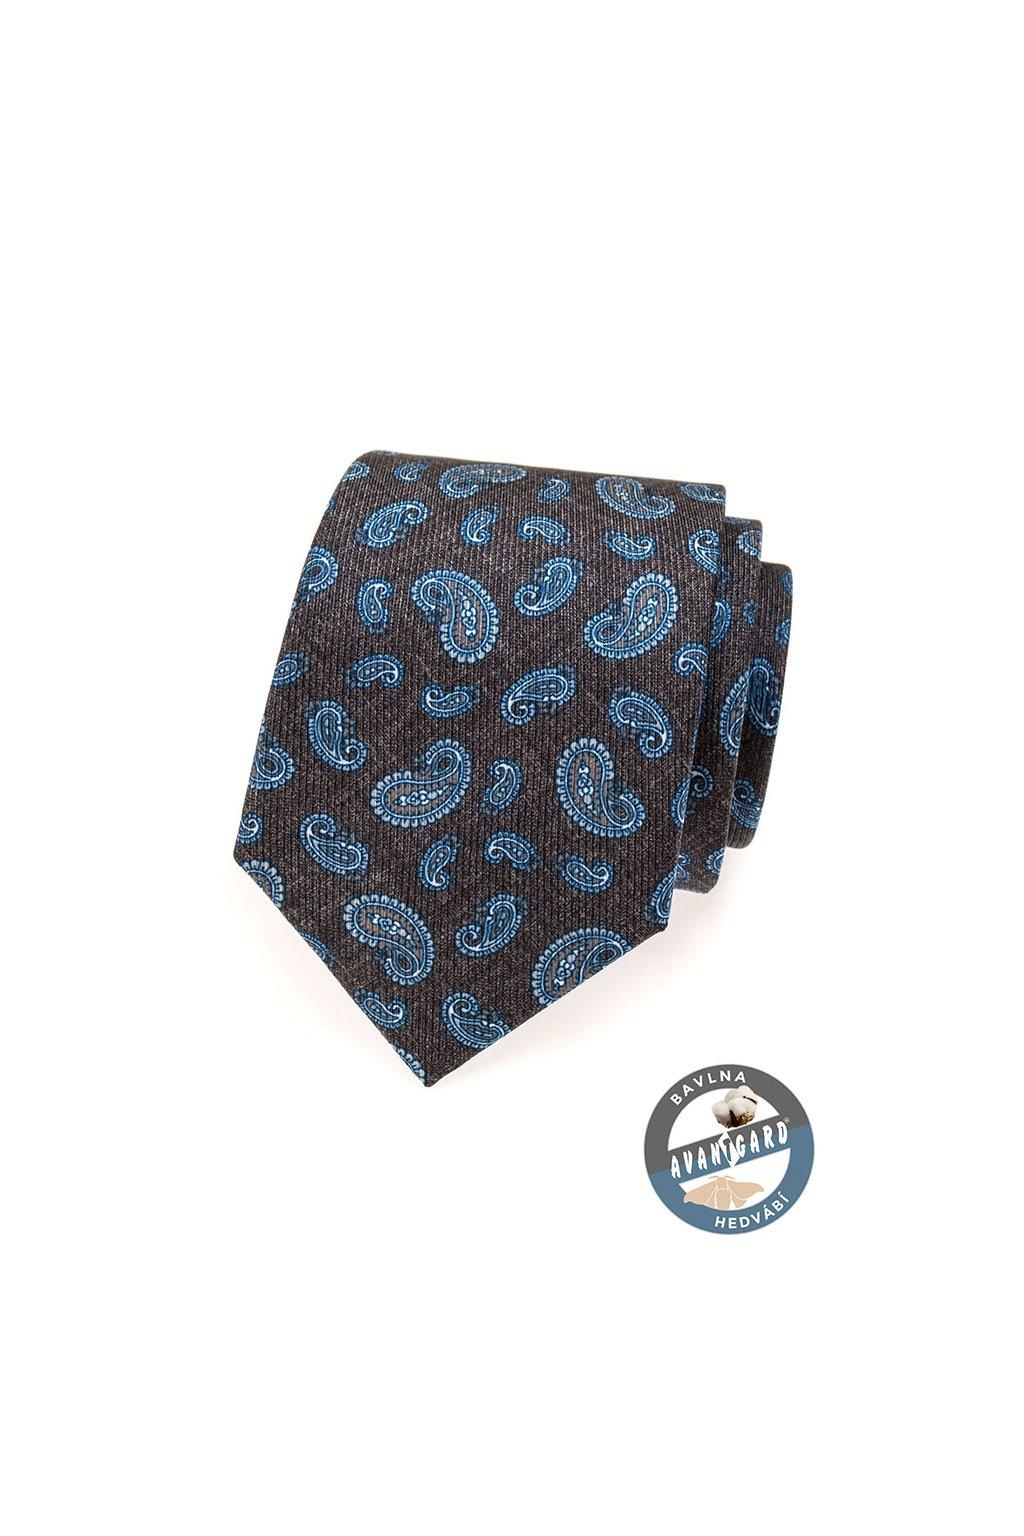 Hedvábná hnědá kravata – paisley vzor